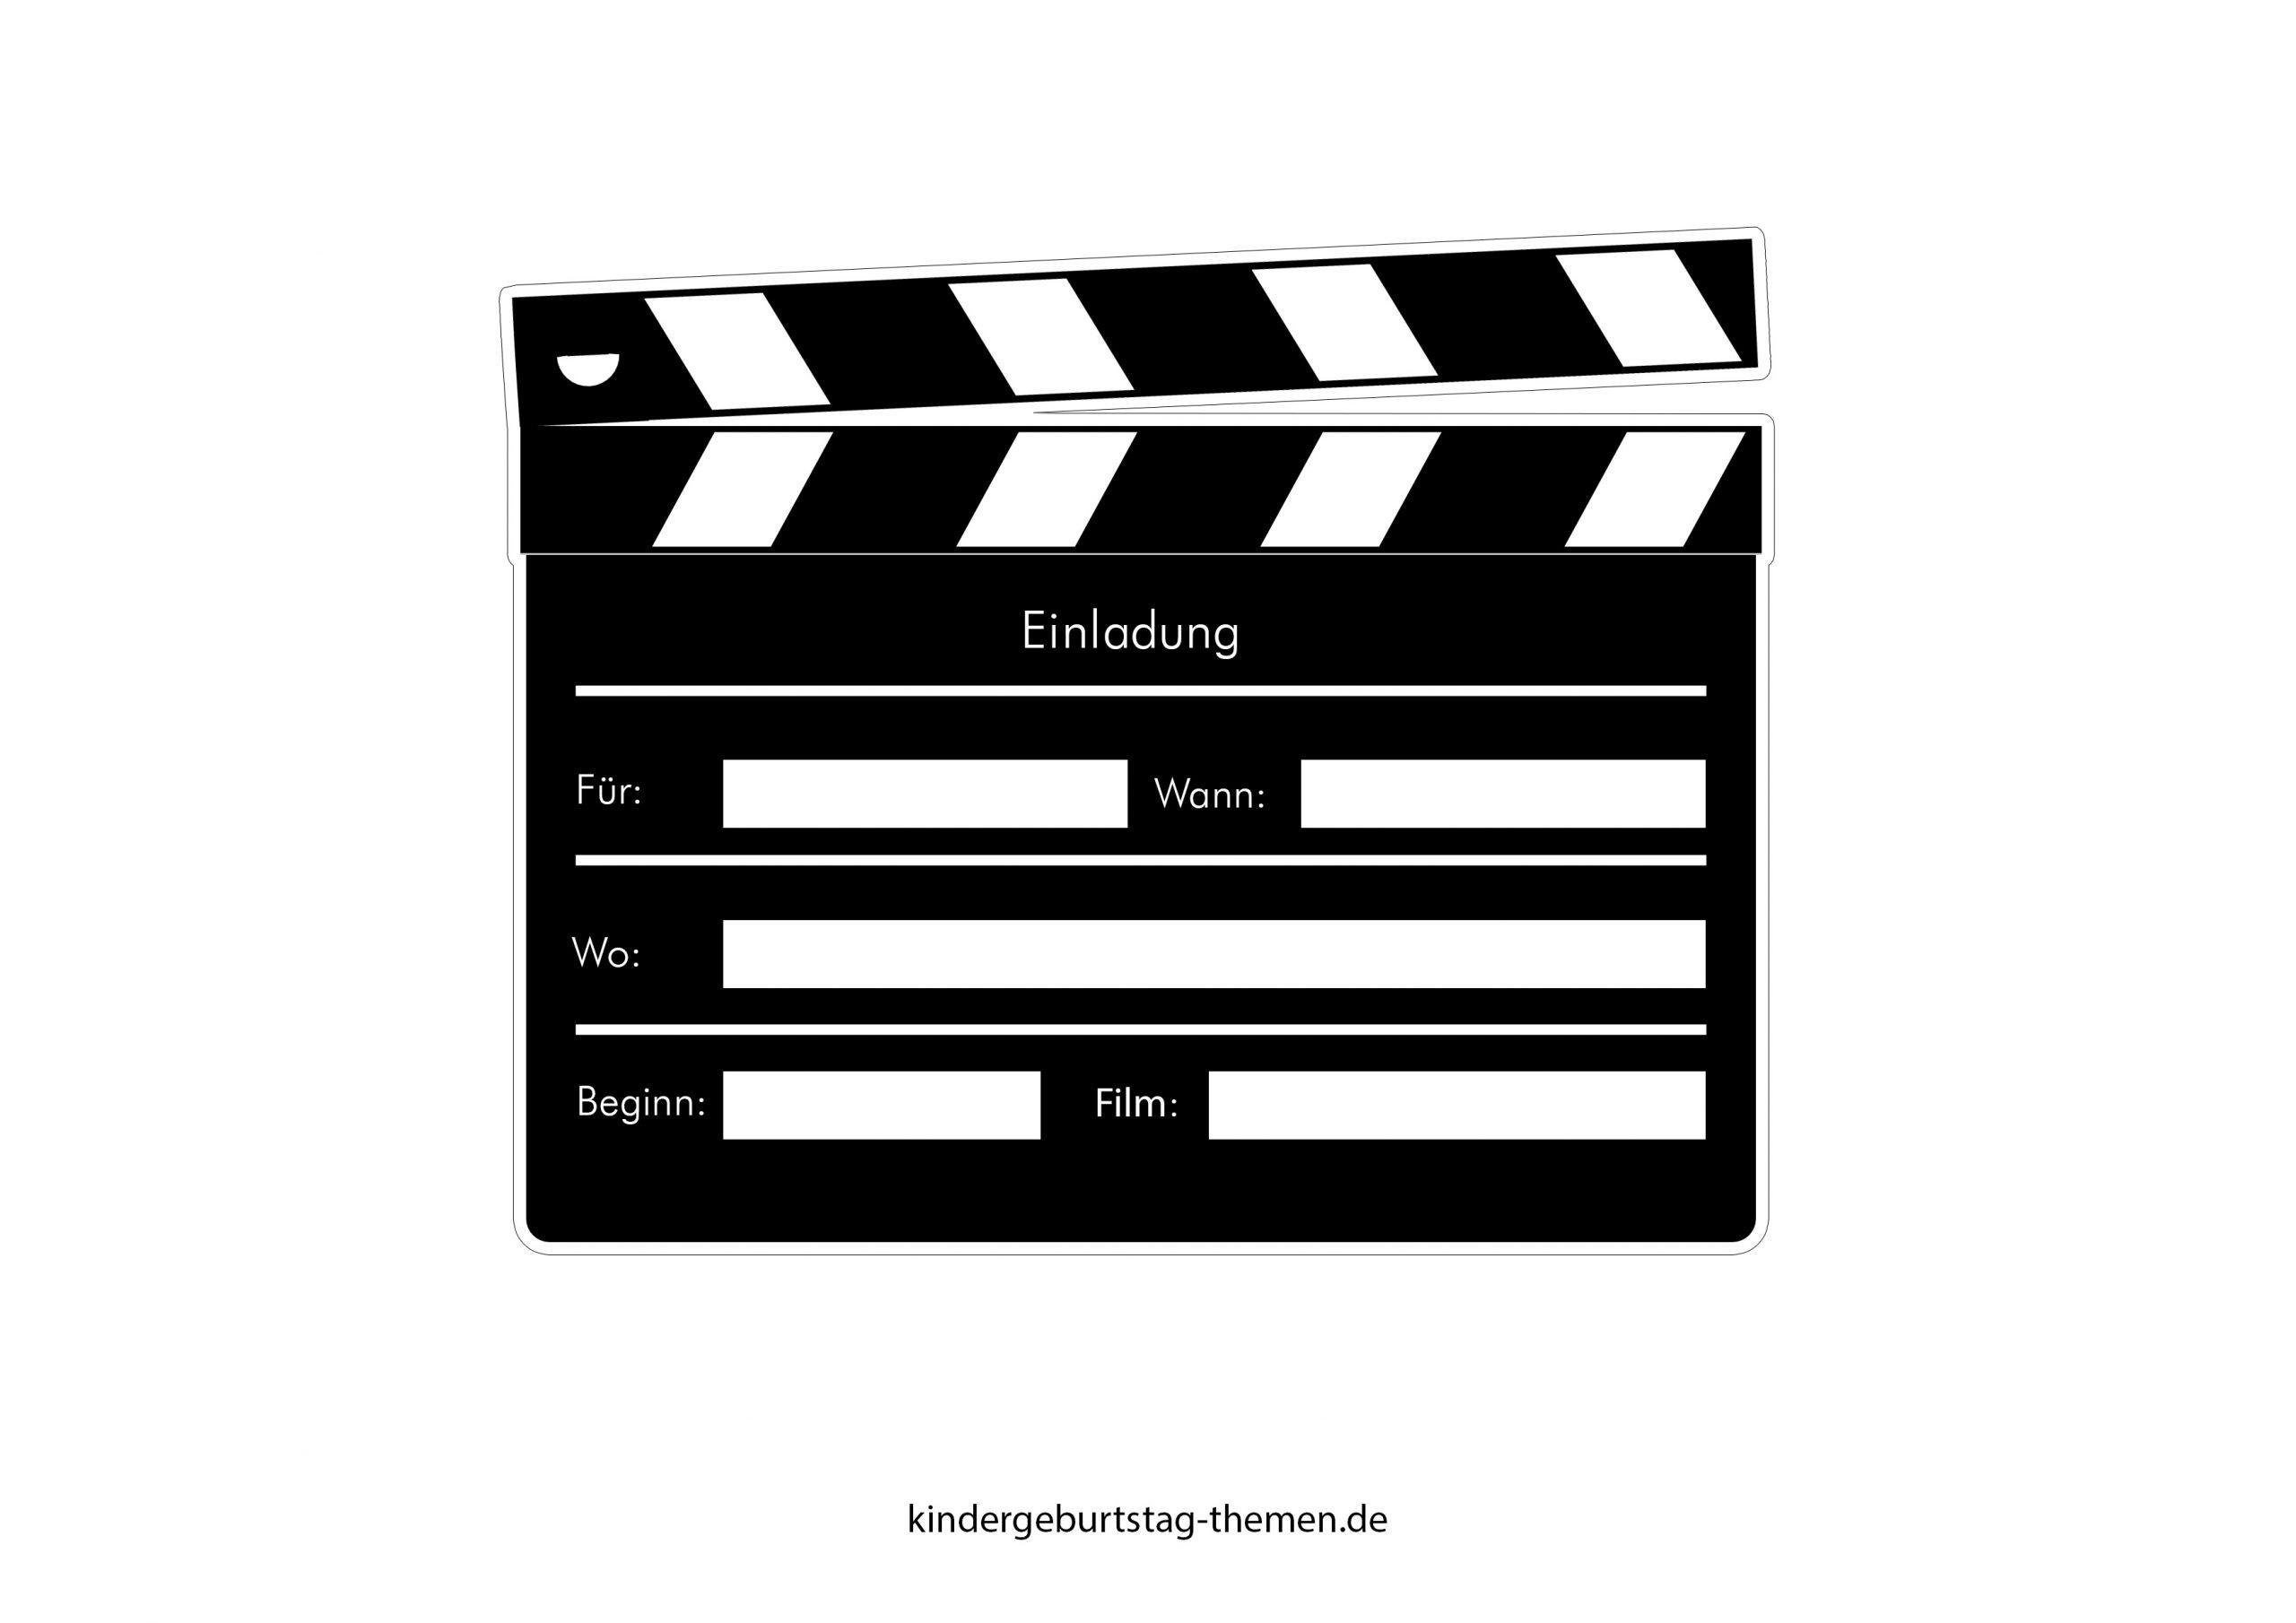 Kino Einladung: Druckvorlage Für Popcorn Karte Und Filmklappe in Filmklappe Einladung Vorlage Kostenlos